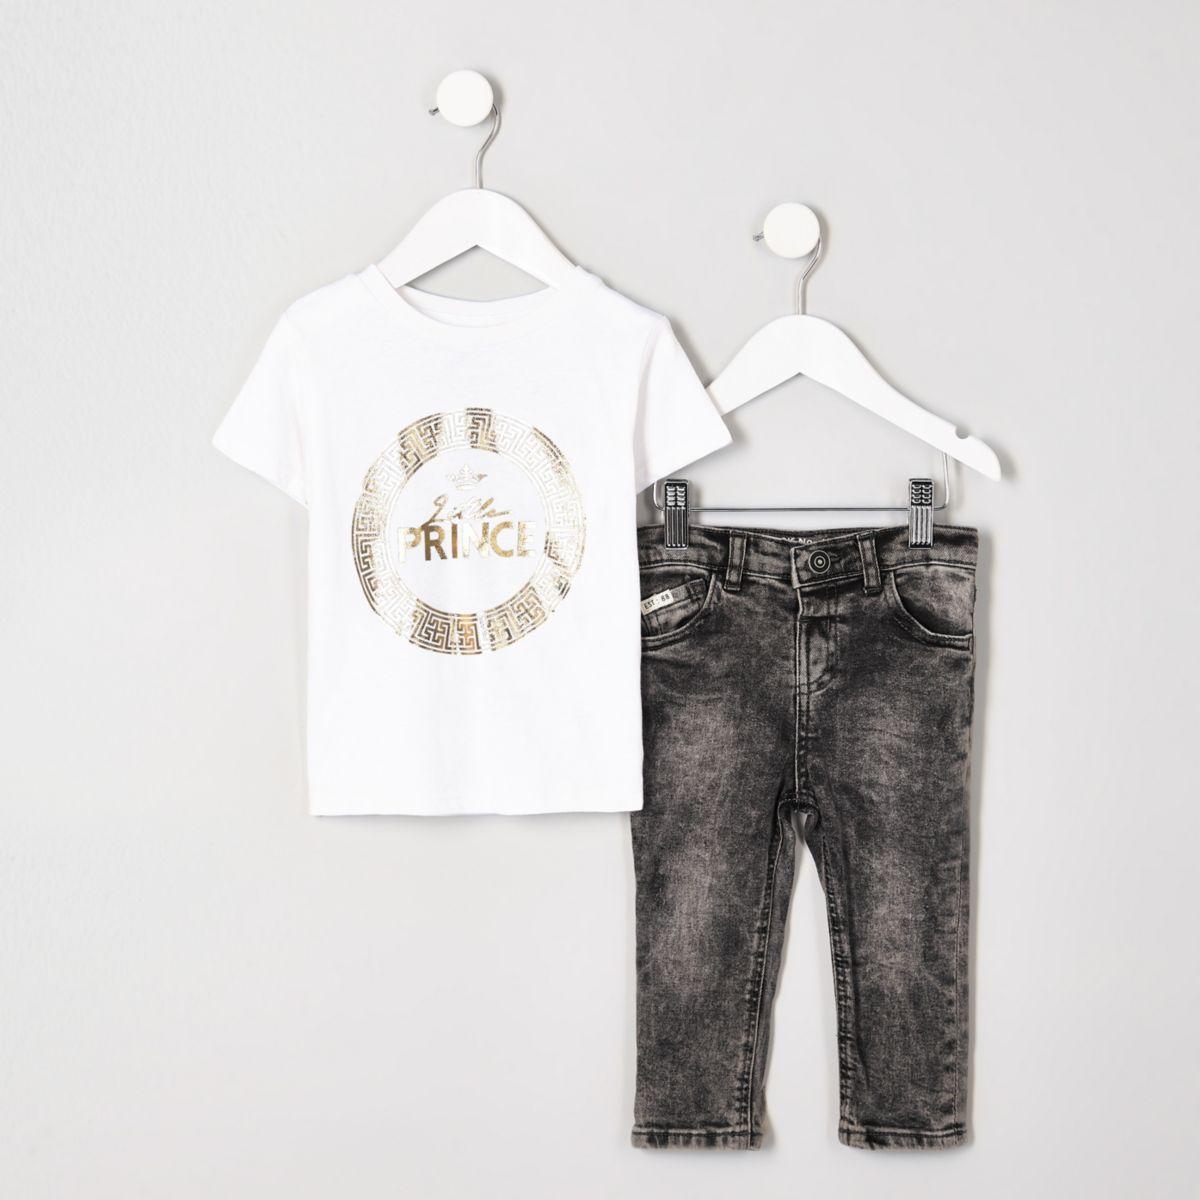 Mini boys 'little prince' foil T-shirt outfit